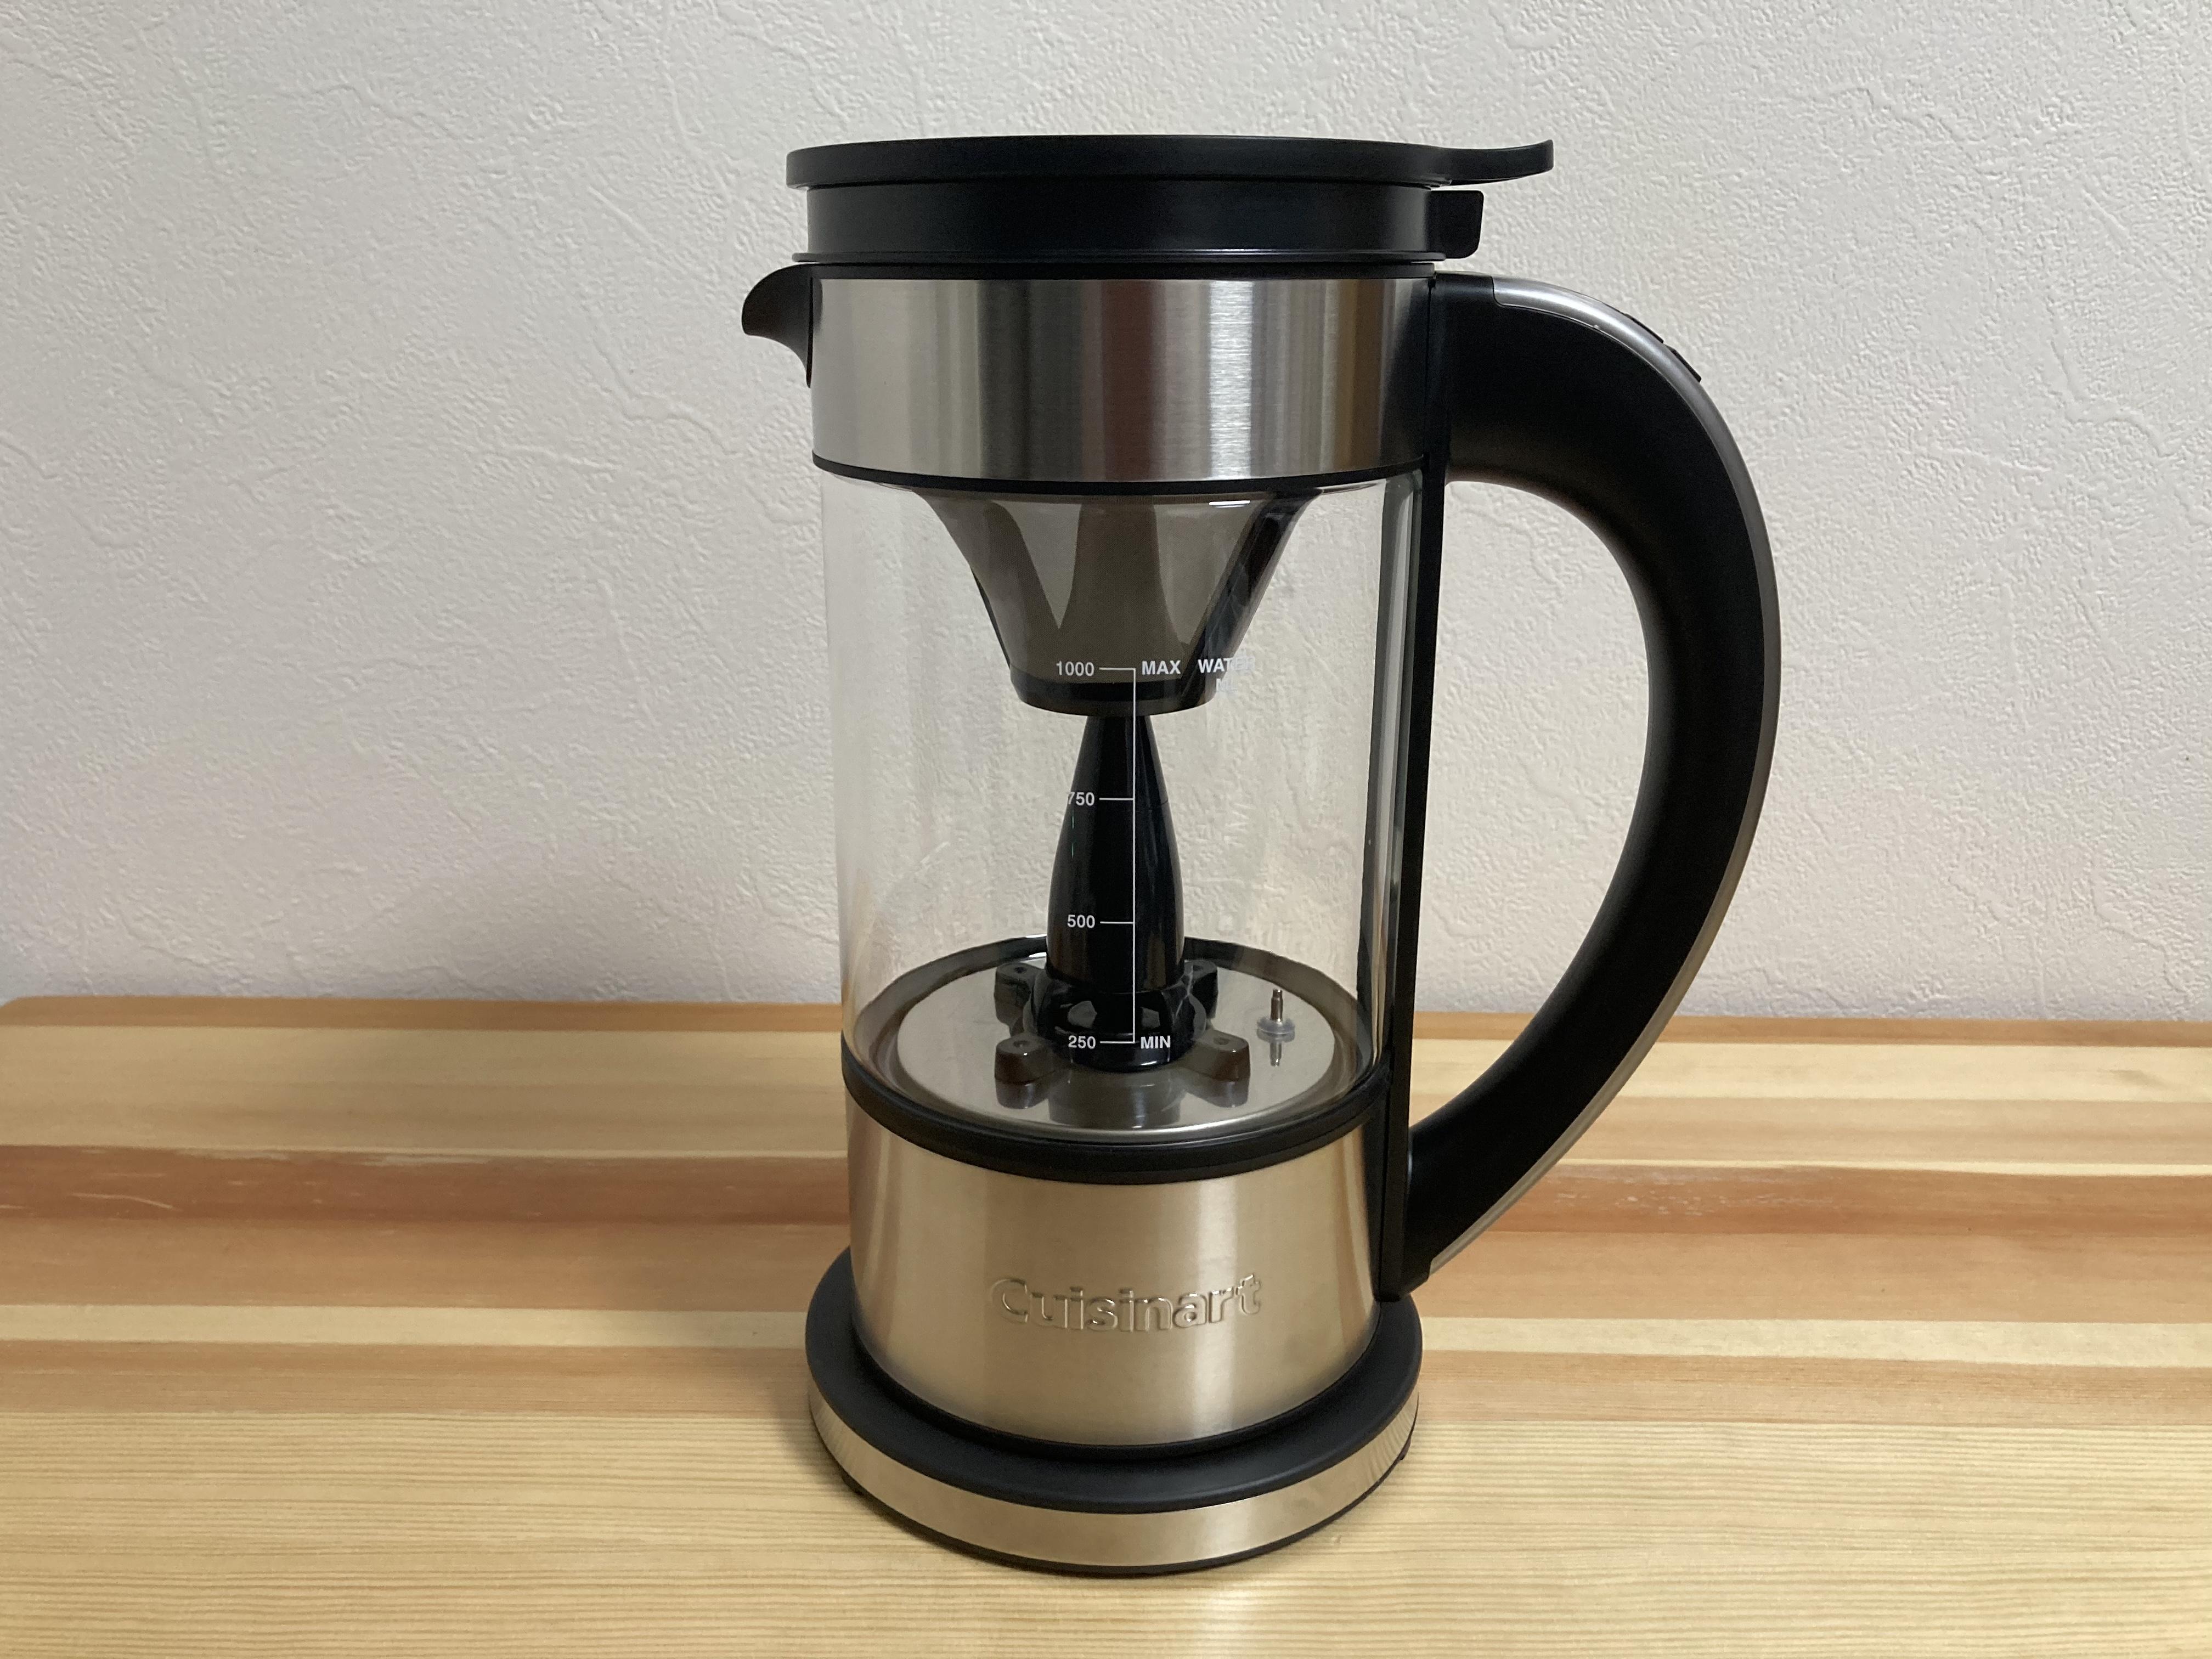 クイジナートが2020年11月に発売した「ファウンテンコーヒーメーカー」(実勢価格1万5000円前後)